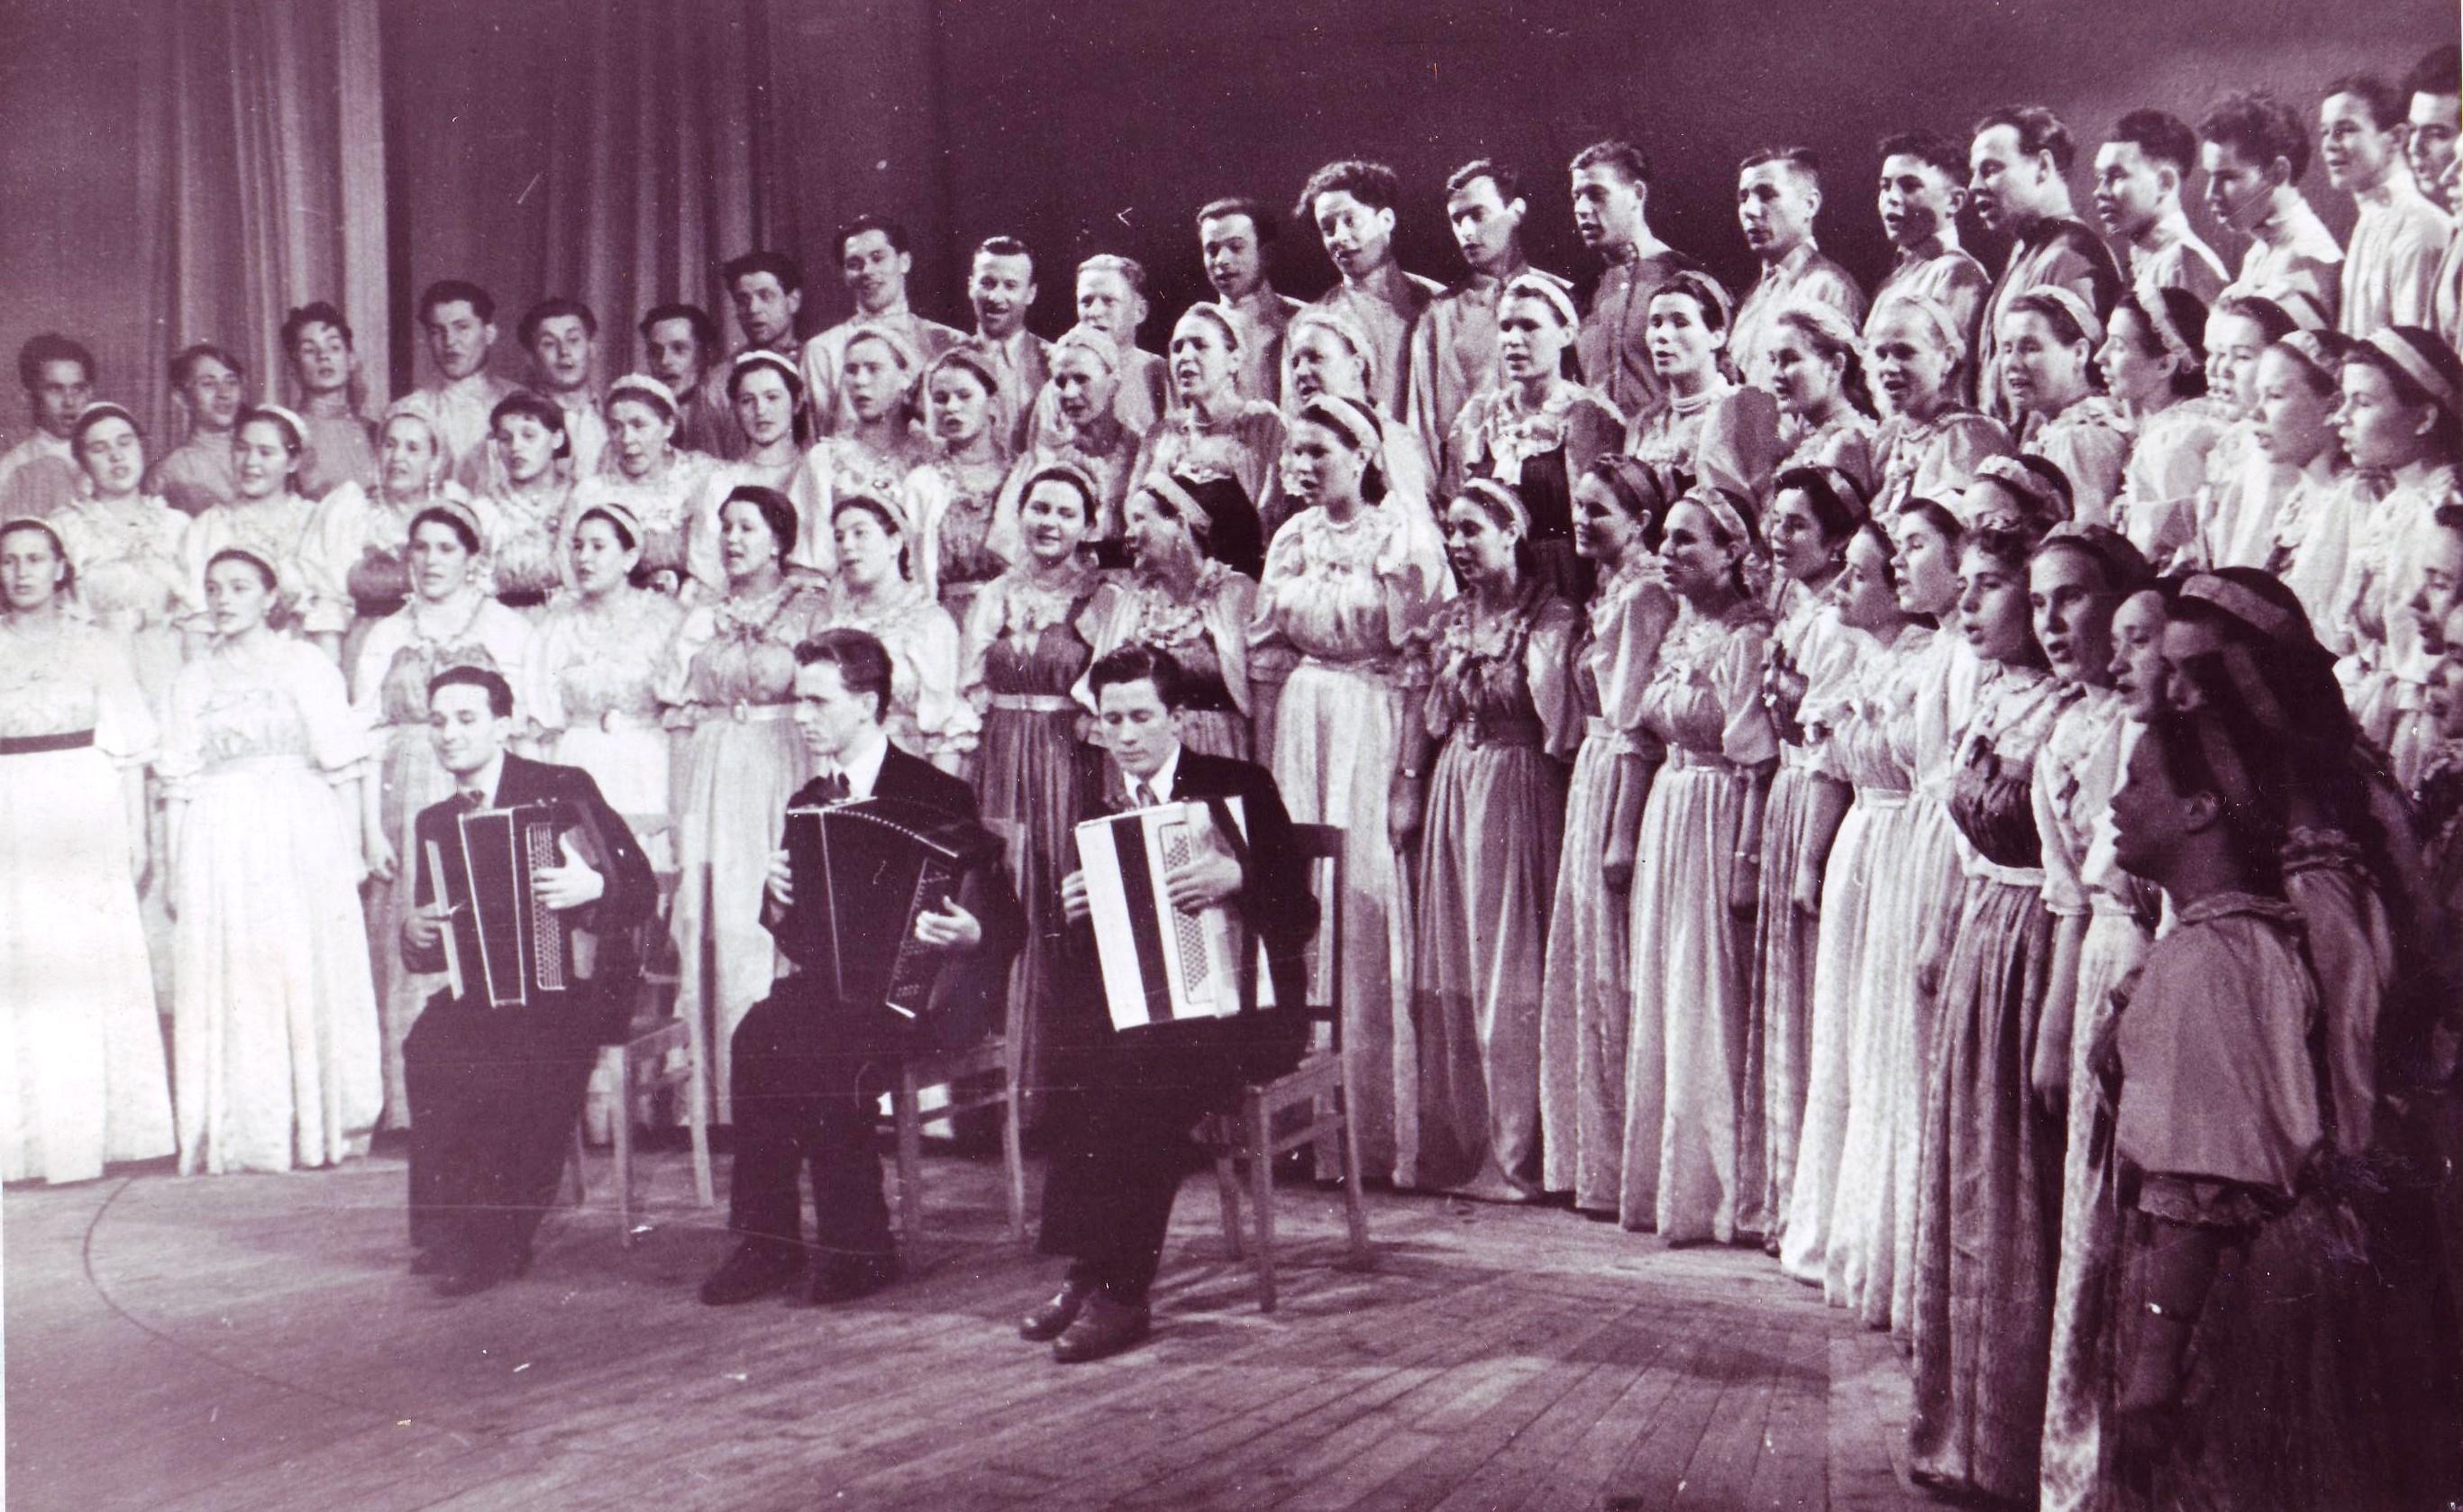 Поморский народный хор. Третий слева в третьем ряду Б.К. Игнатьев. Беломорск. 1958 г.